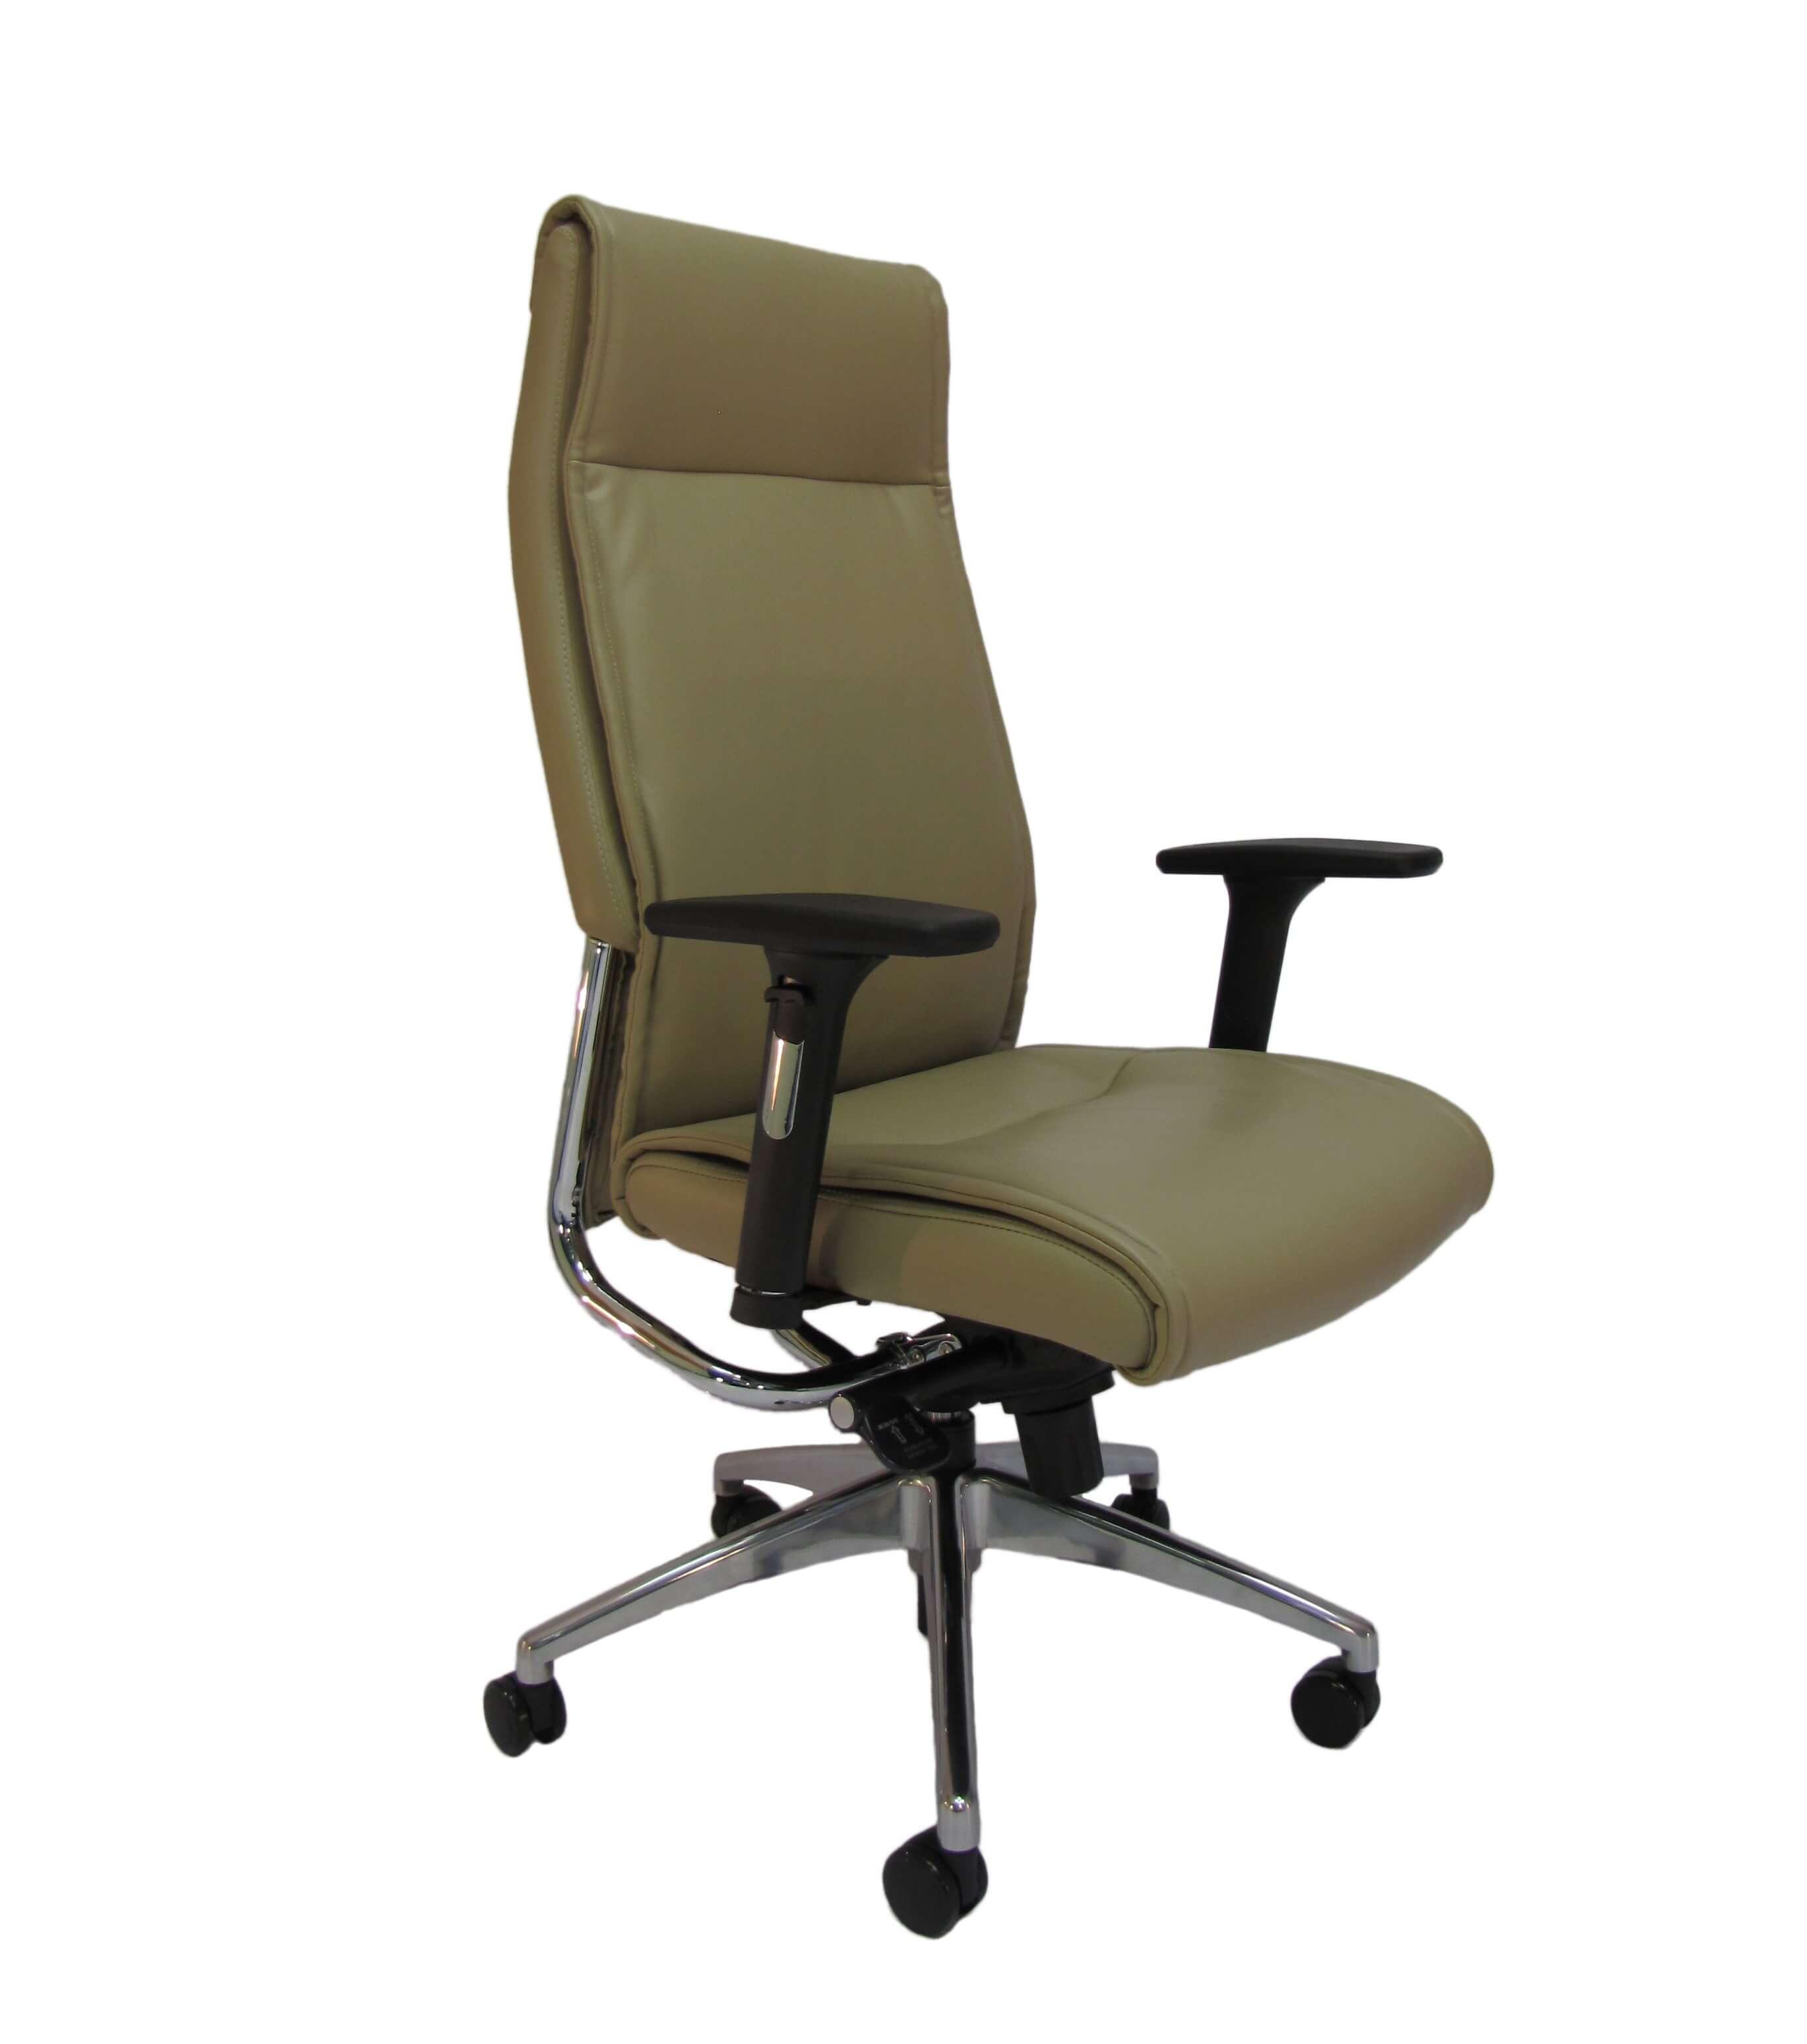 Natūralios odos ergonominė kėdė Jersey HB su atrama galvai.